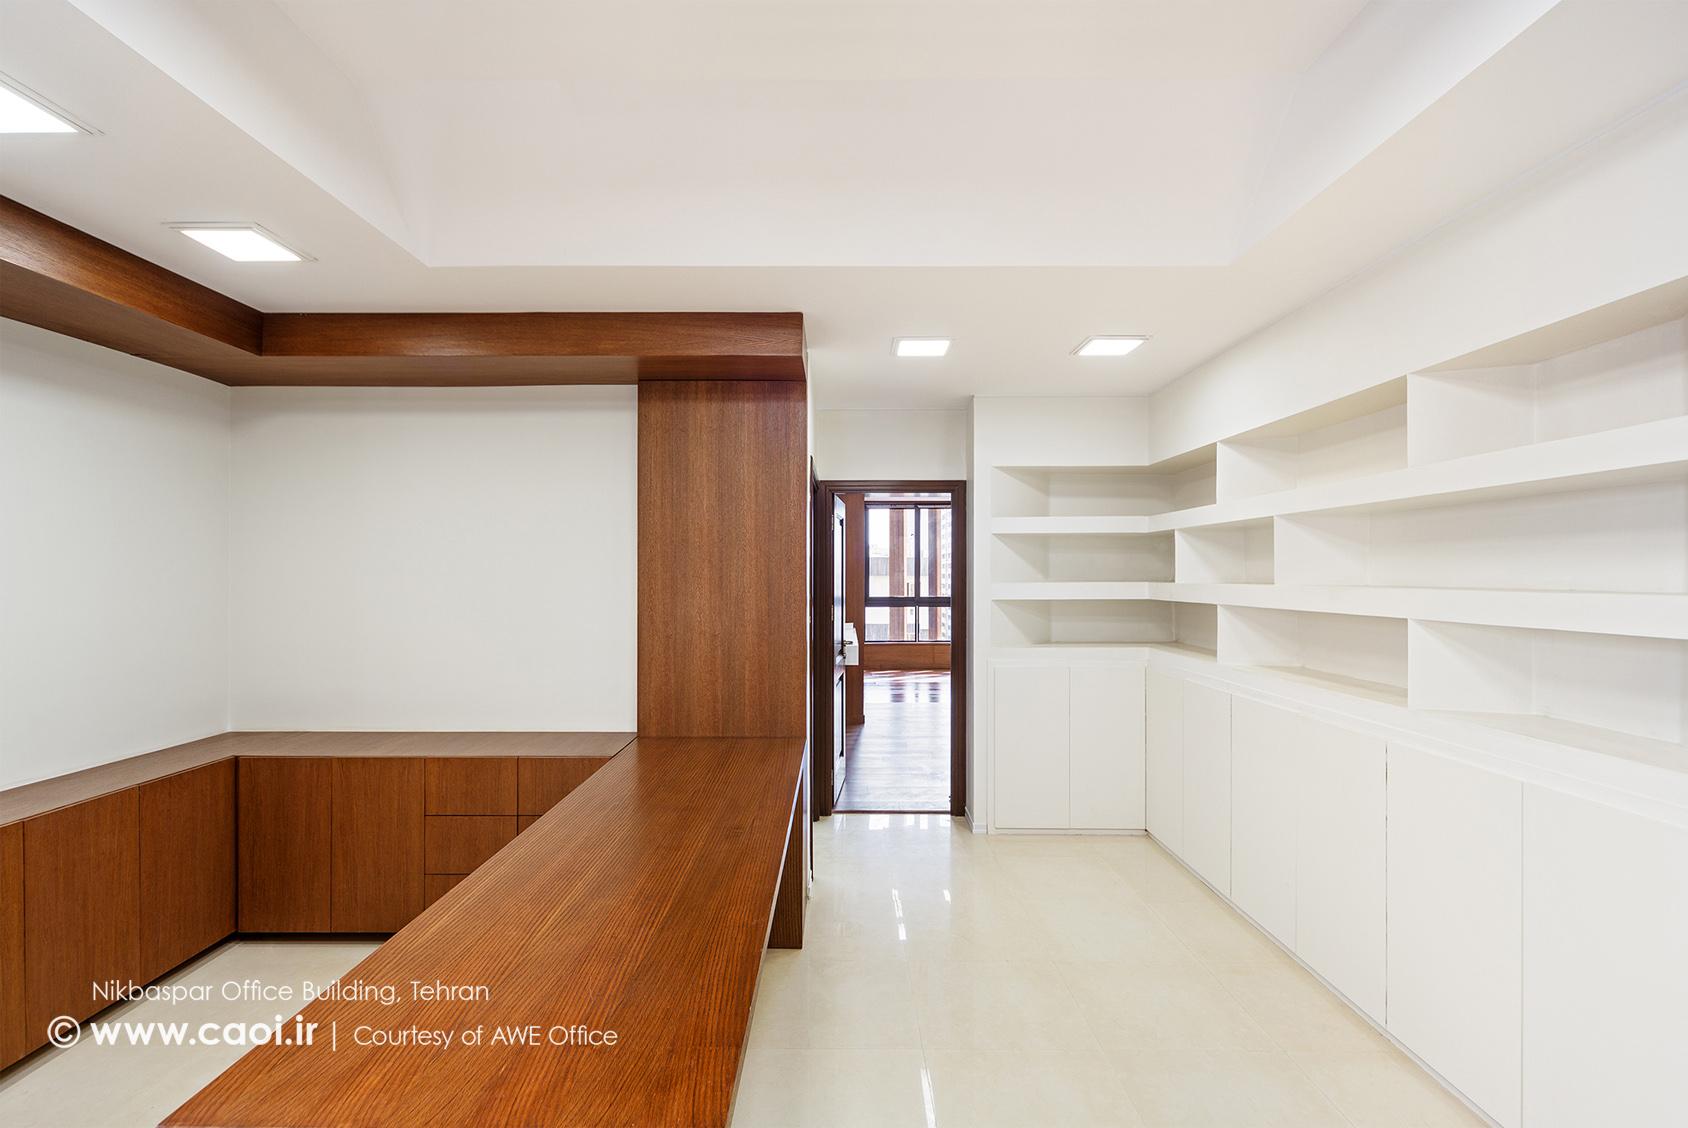 طراحی داخلی ساختمان اداری,دکوراسیون داخلی ساختمان اداری,معماری داخلی ساختمان اداری